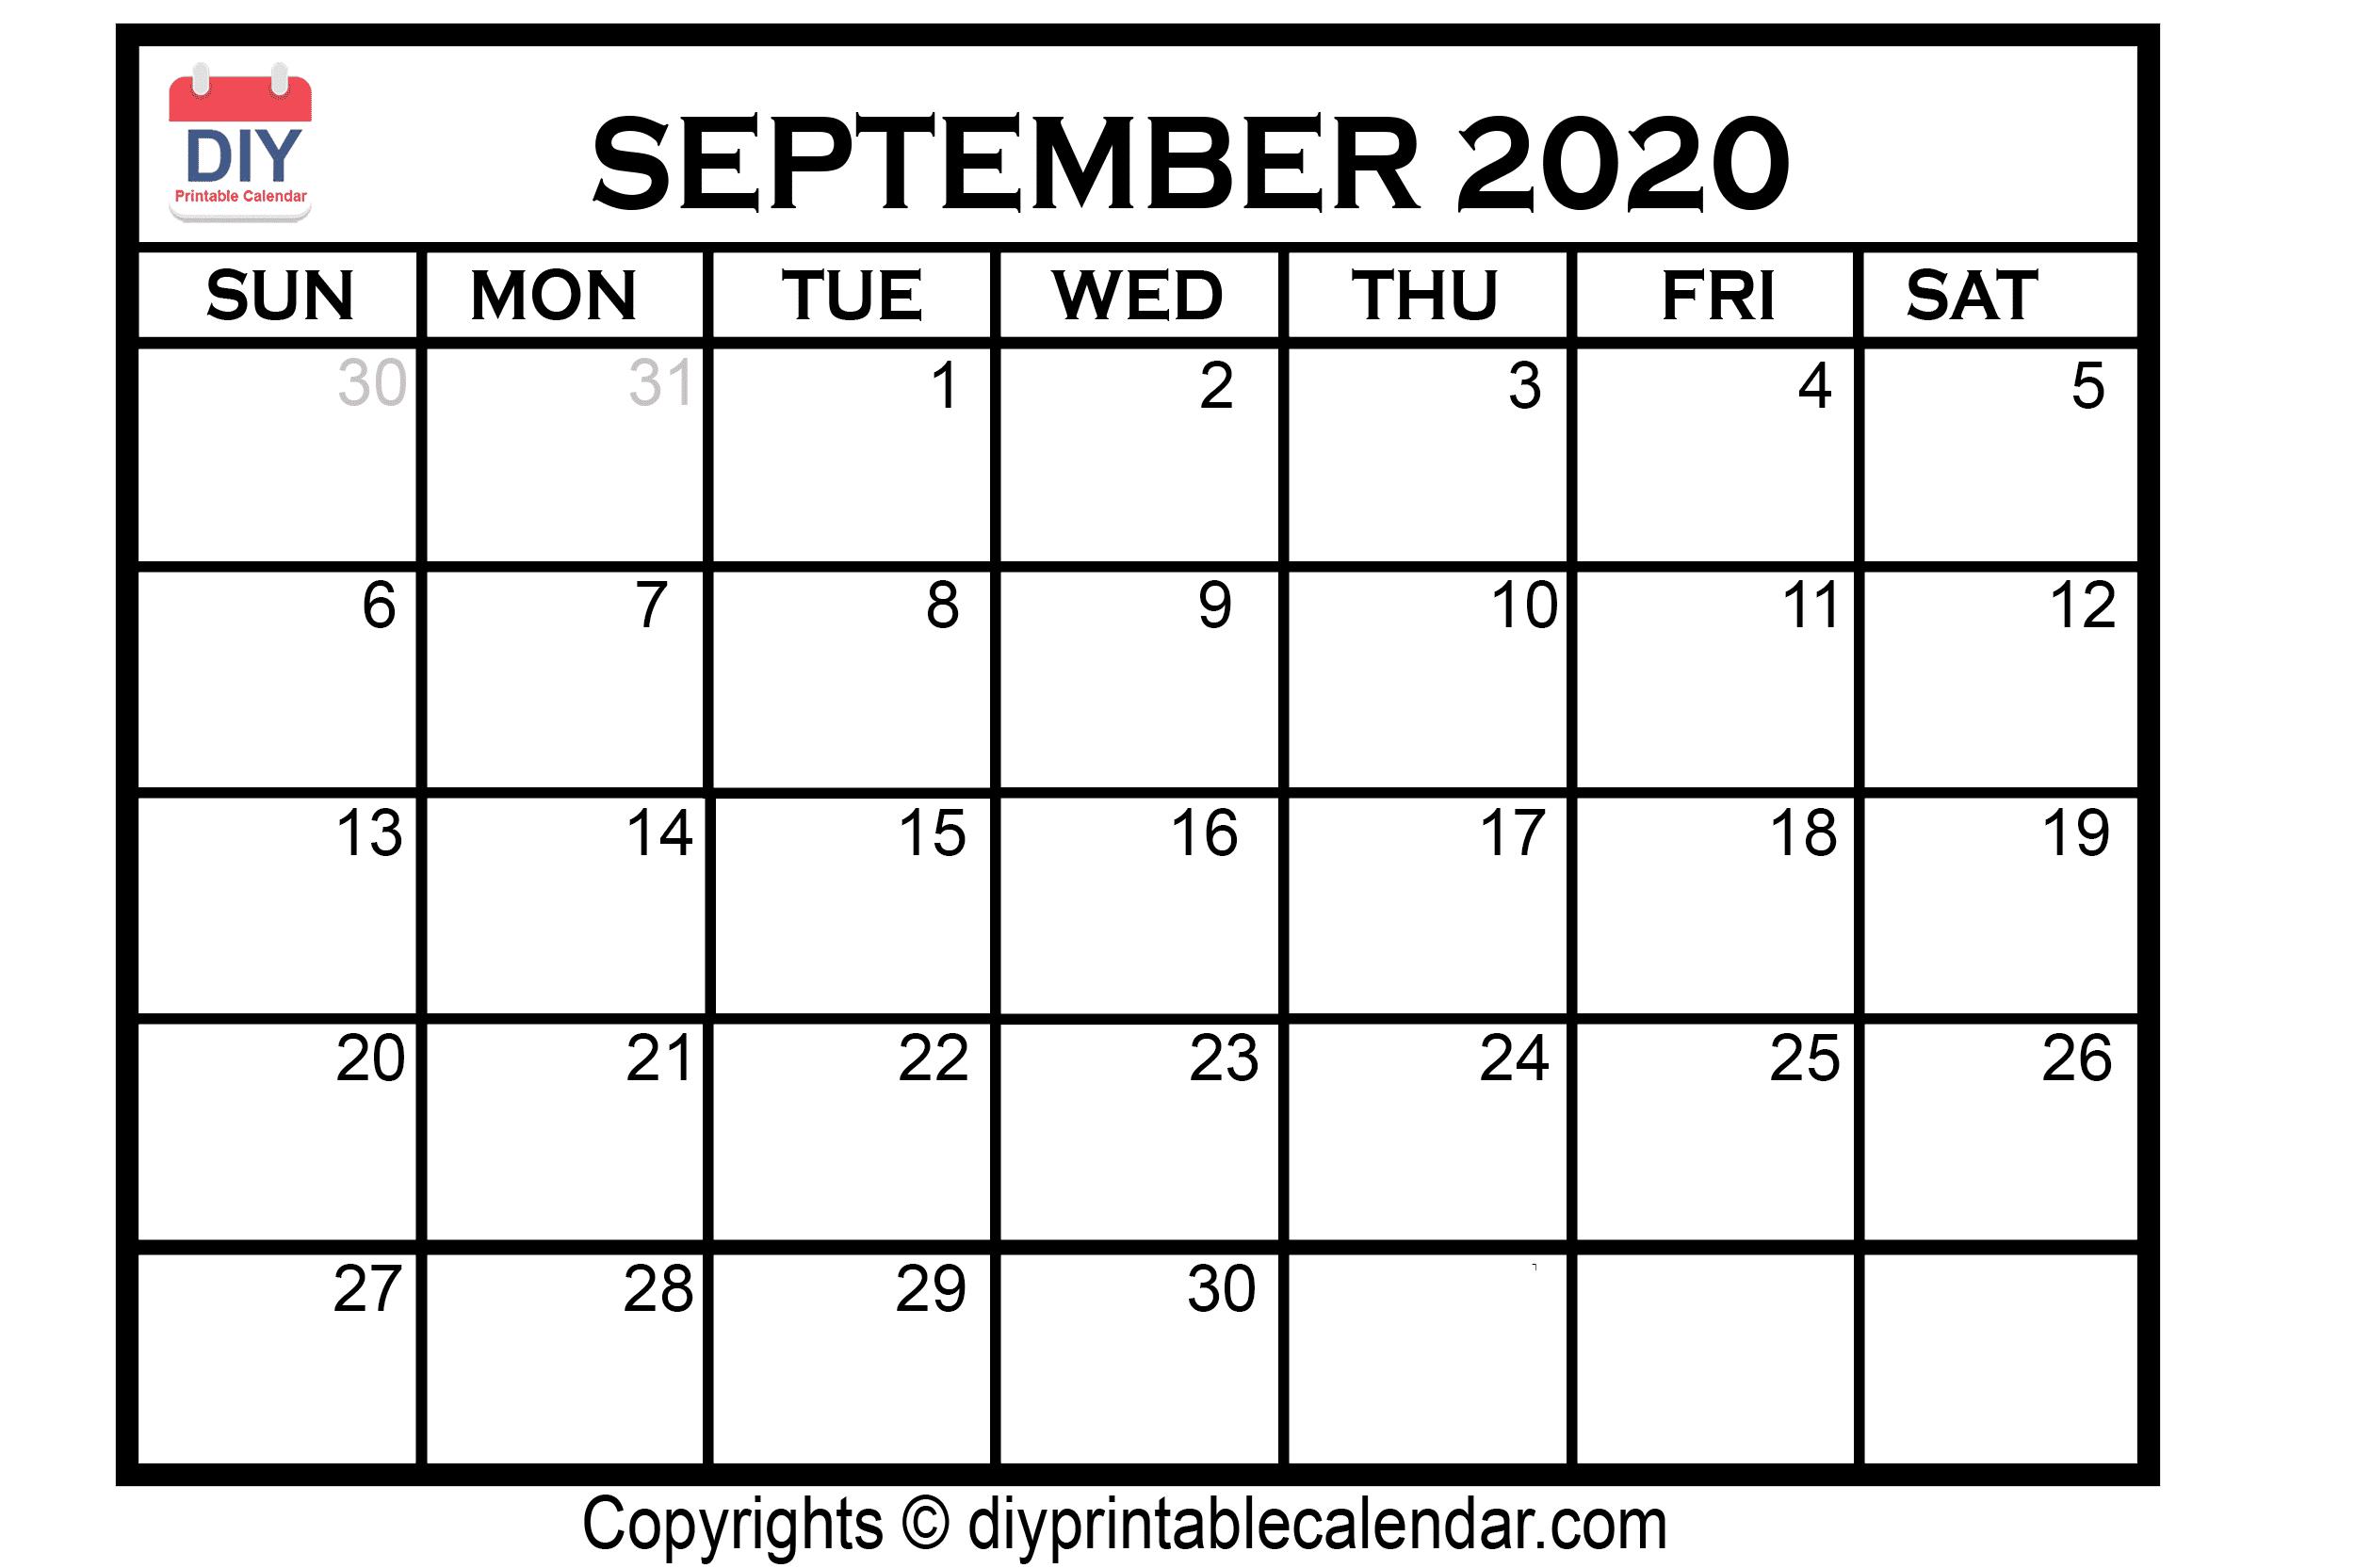 September 2020 Printable Calendar Template inside 2020 Etited Calendar